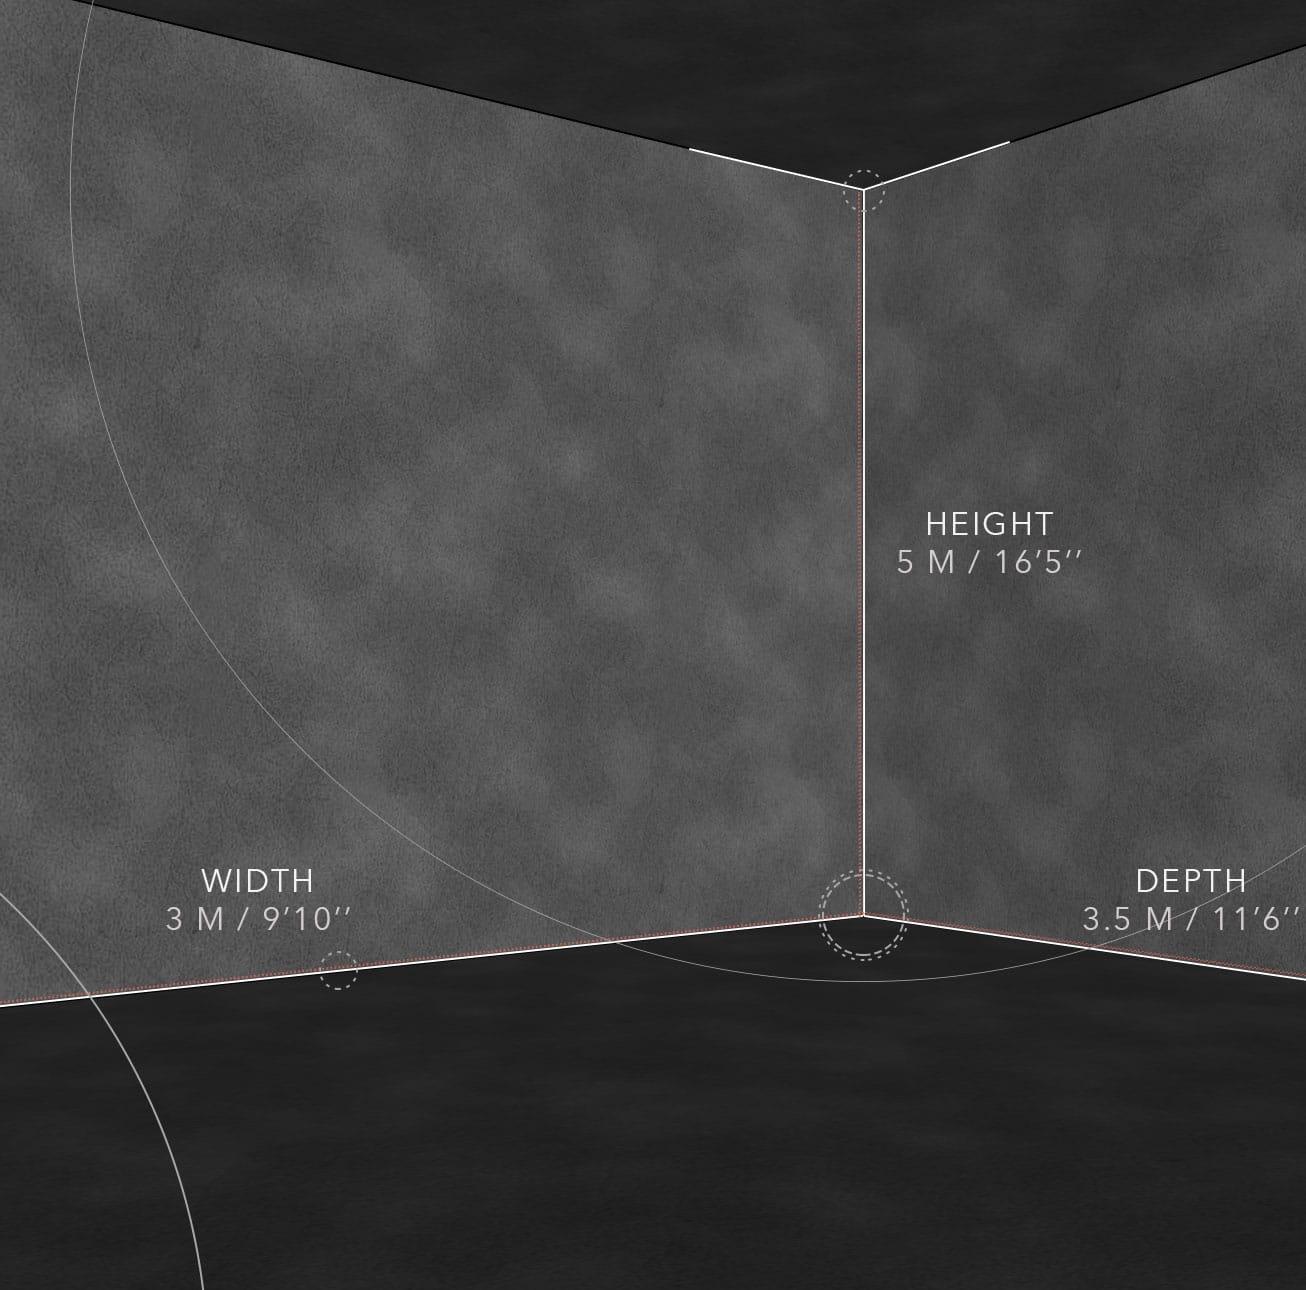 Simulateur de tir ST-2 Dimensions-DRIVEN